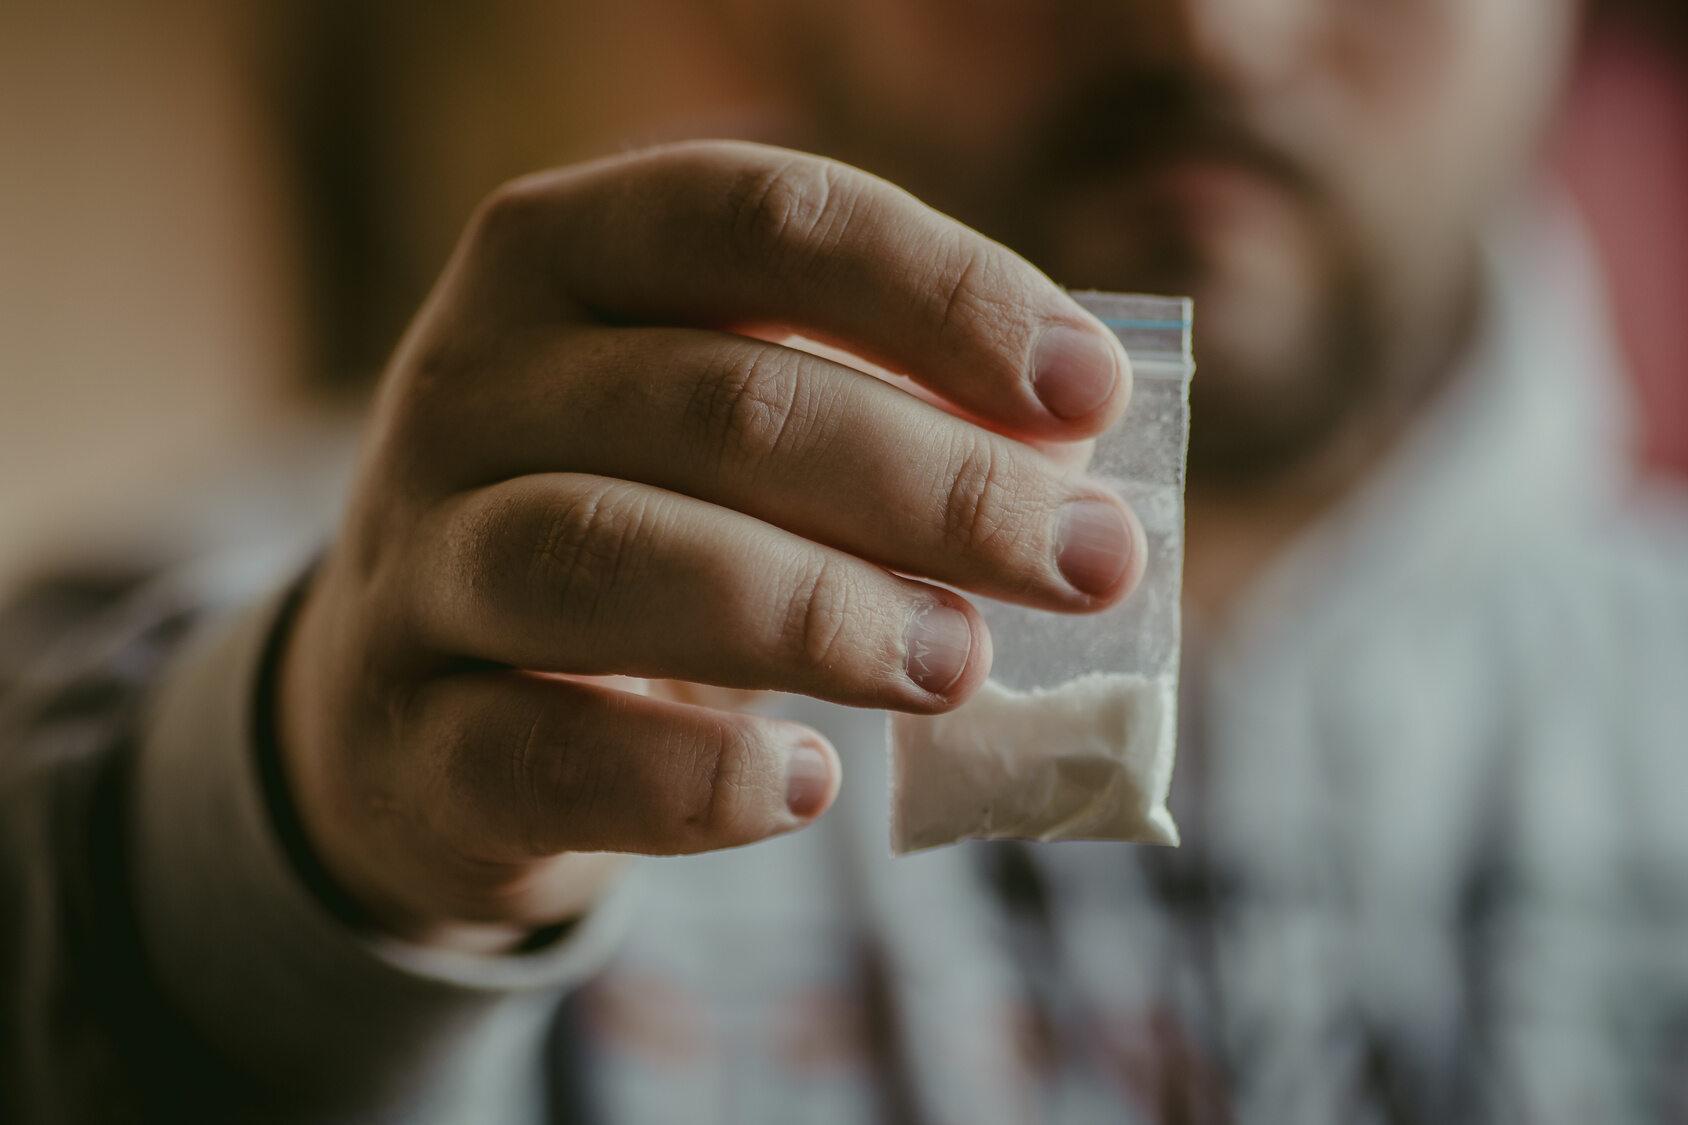 Dopalacze, narkotyki, zdj. ilustracyjne